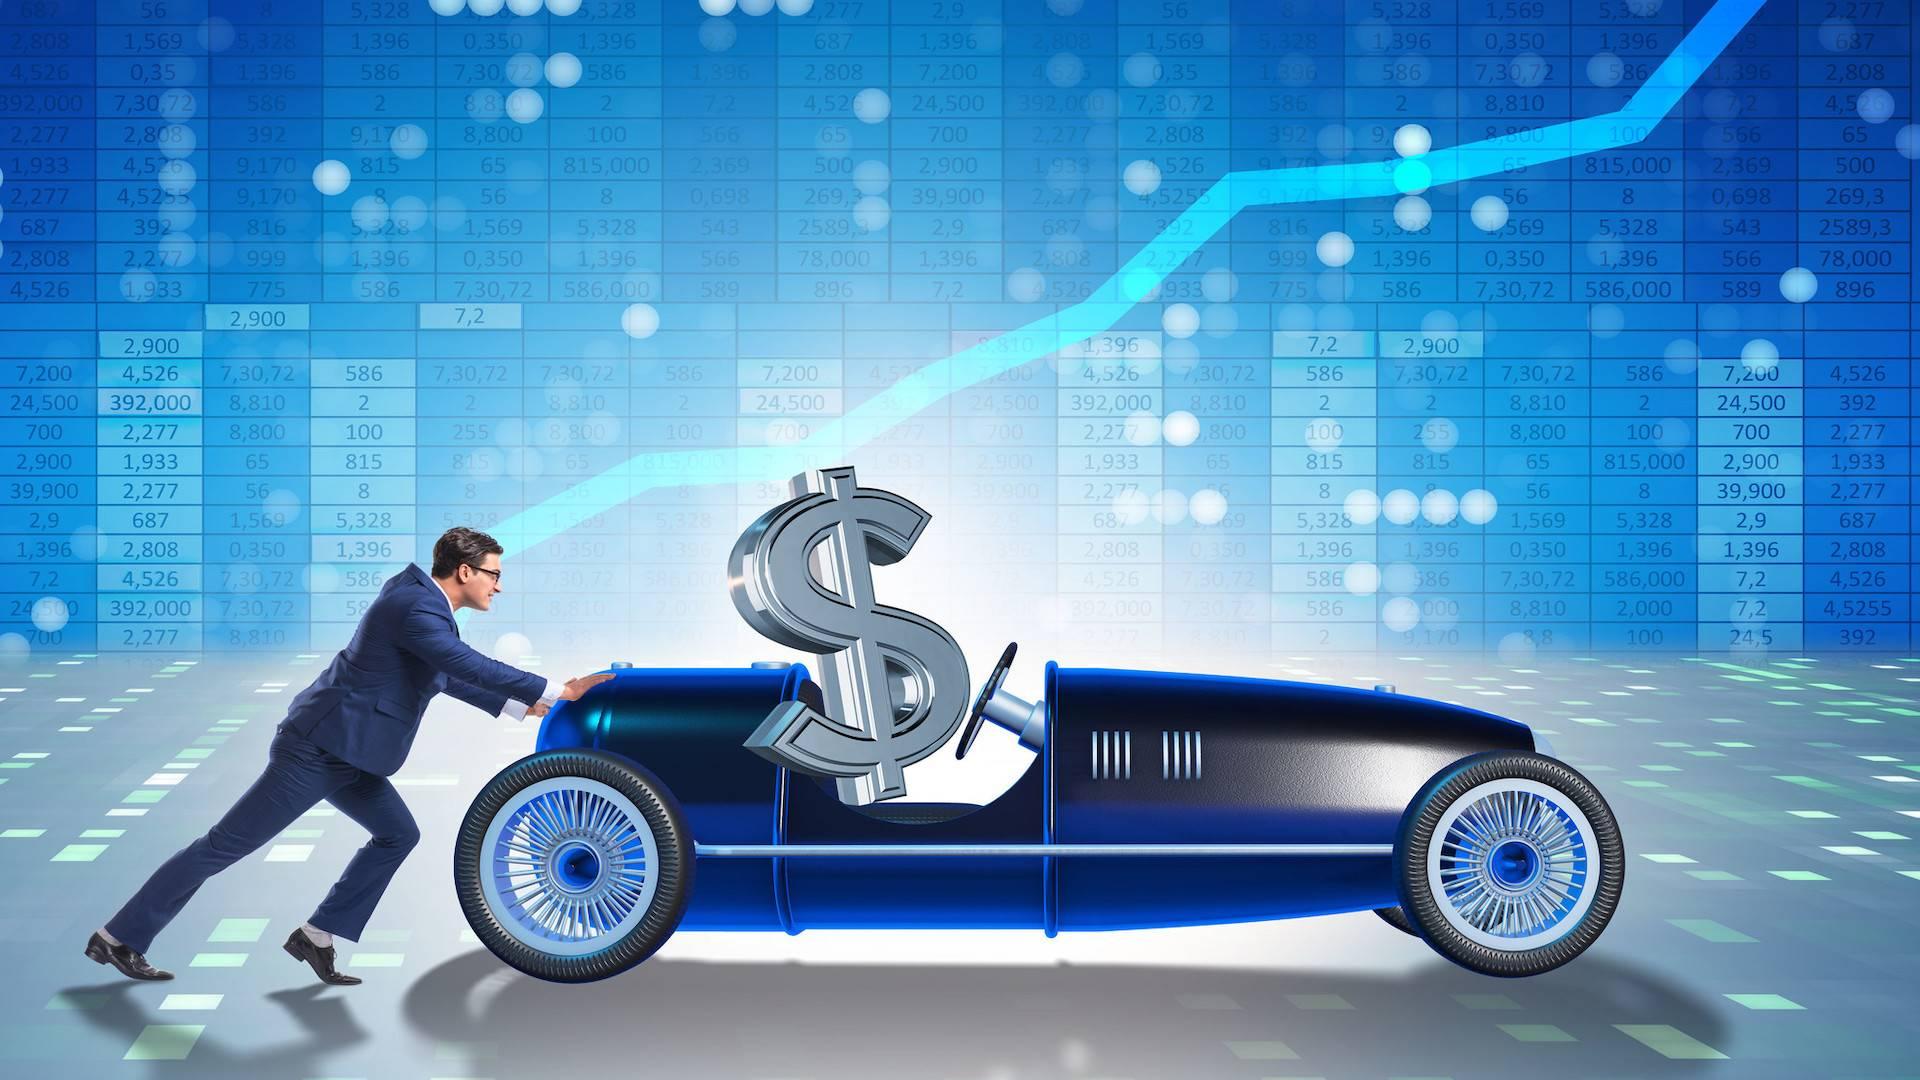 险中求胜,砥砺前行——2019中国汽车金融行业研究报告